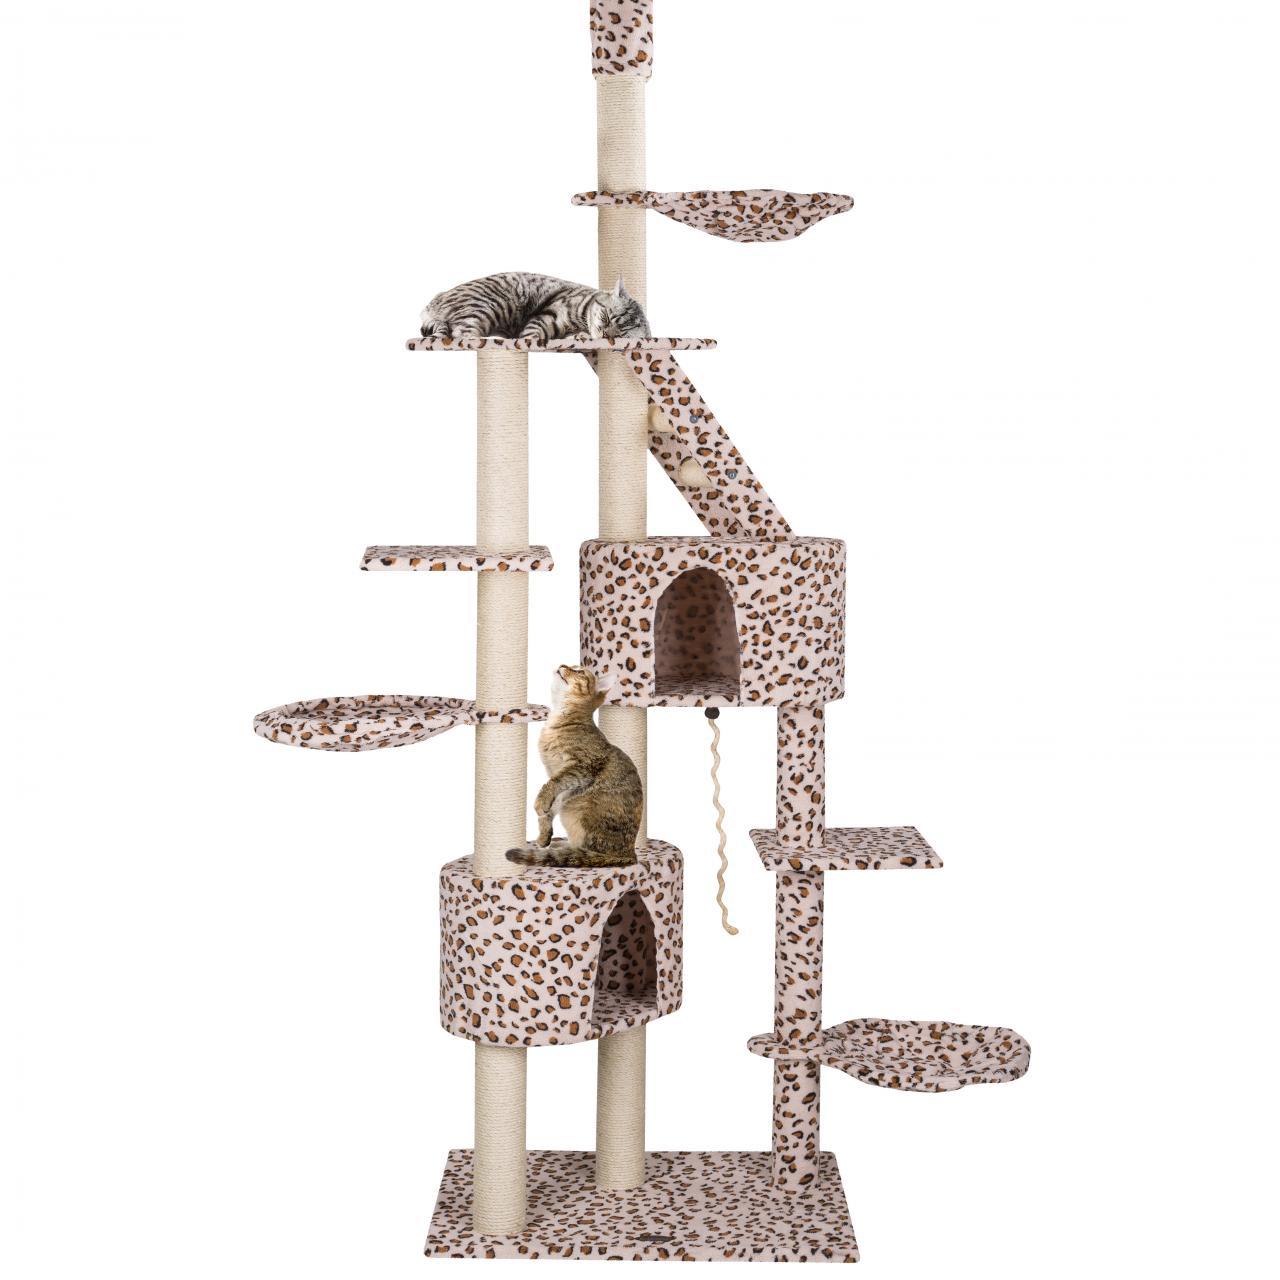 Kratzbaum-Katzenkratzbaum-Katzenbaum-Katzen-deckenhoch-hoehenverstellbar